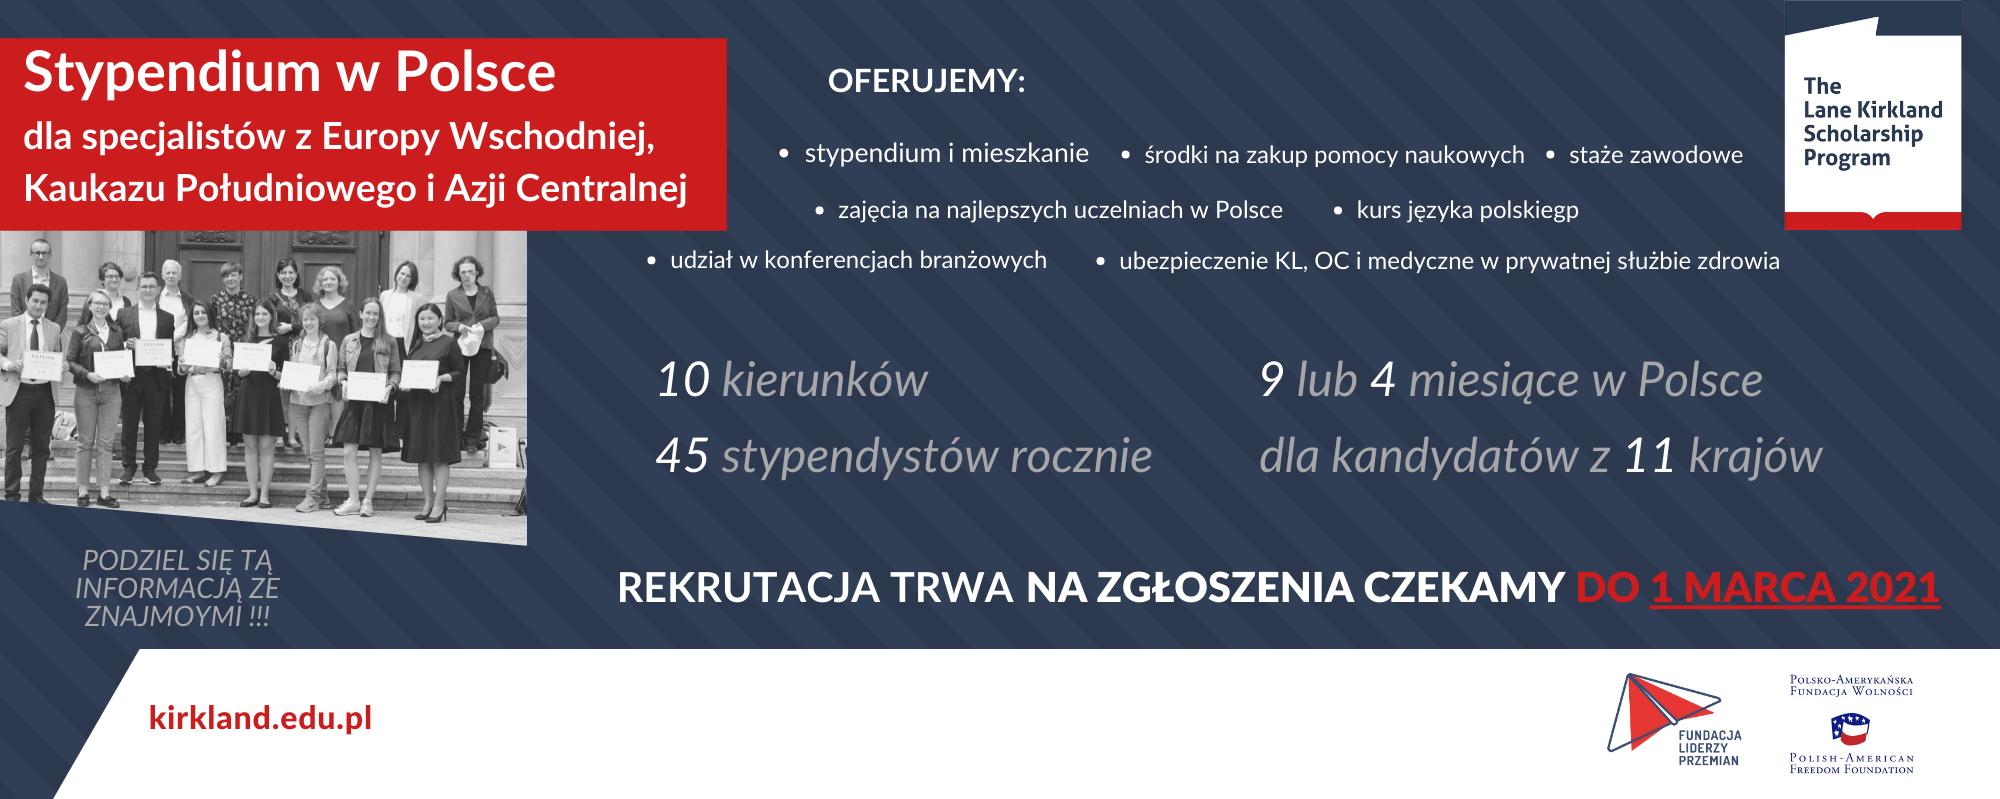 Najlepsze stypendium dla specjalistów z Europy Wschodniej, Kaukazu Południowego i Azji Centralnej